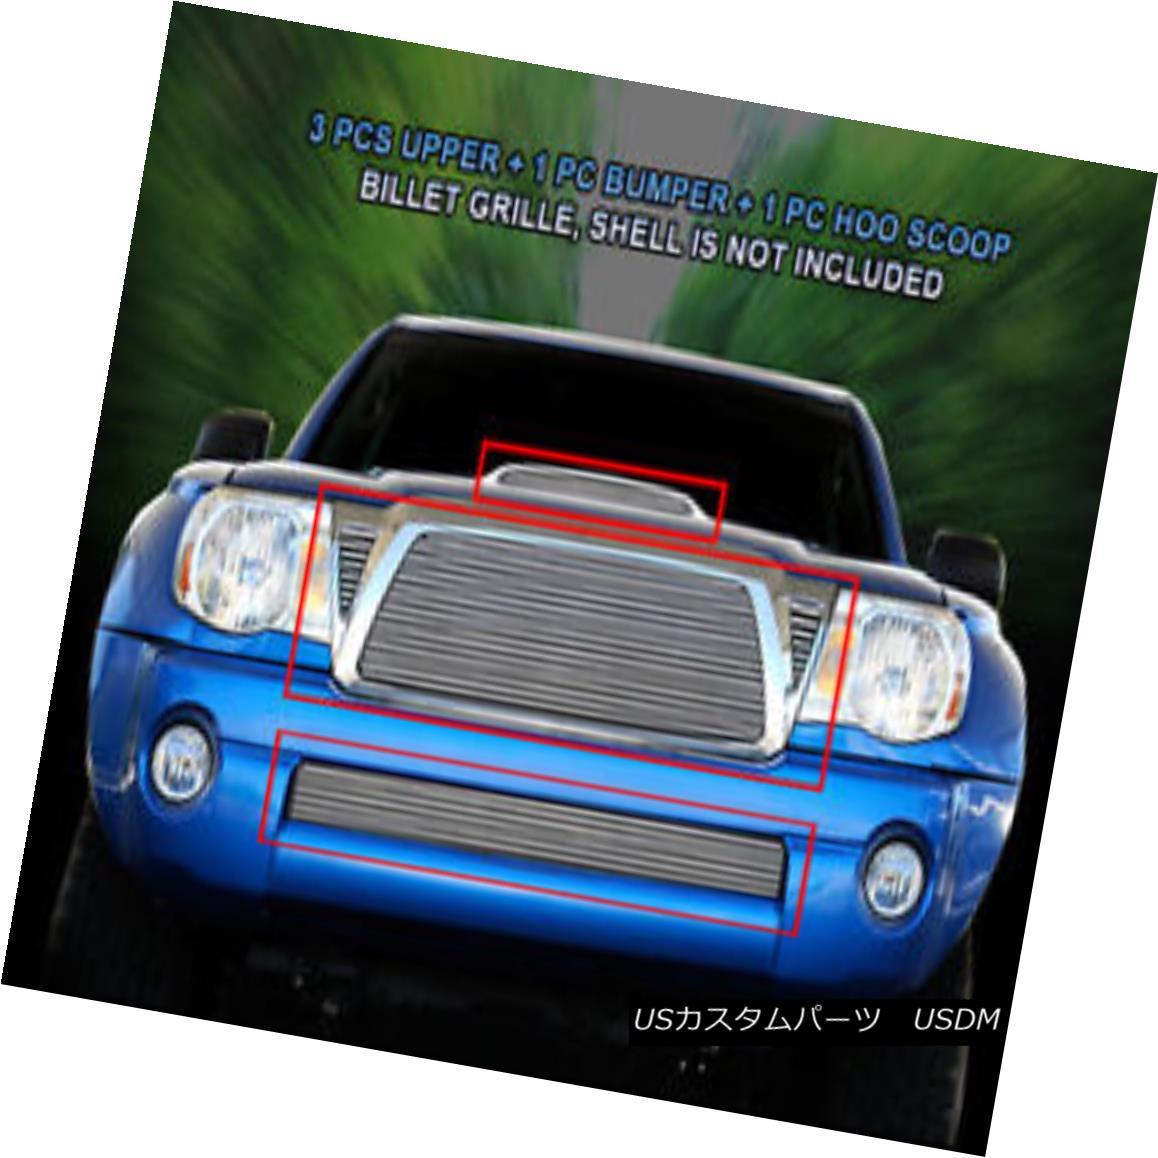 グリル Fedar Fits 05-10 Toyota Tacoma/TRD Sport Combo Polished Billet Grille Fedarフィット05-10トヨタタコマ/ TRDスポーツコンボポリッシュビレットグリル